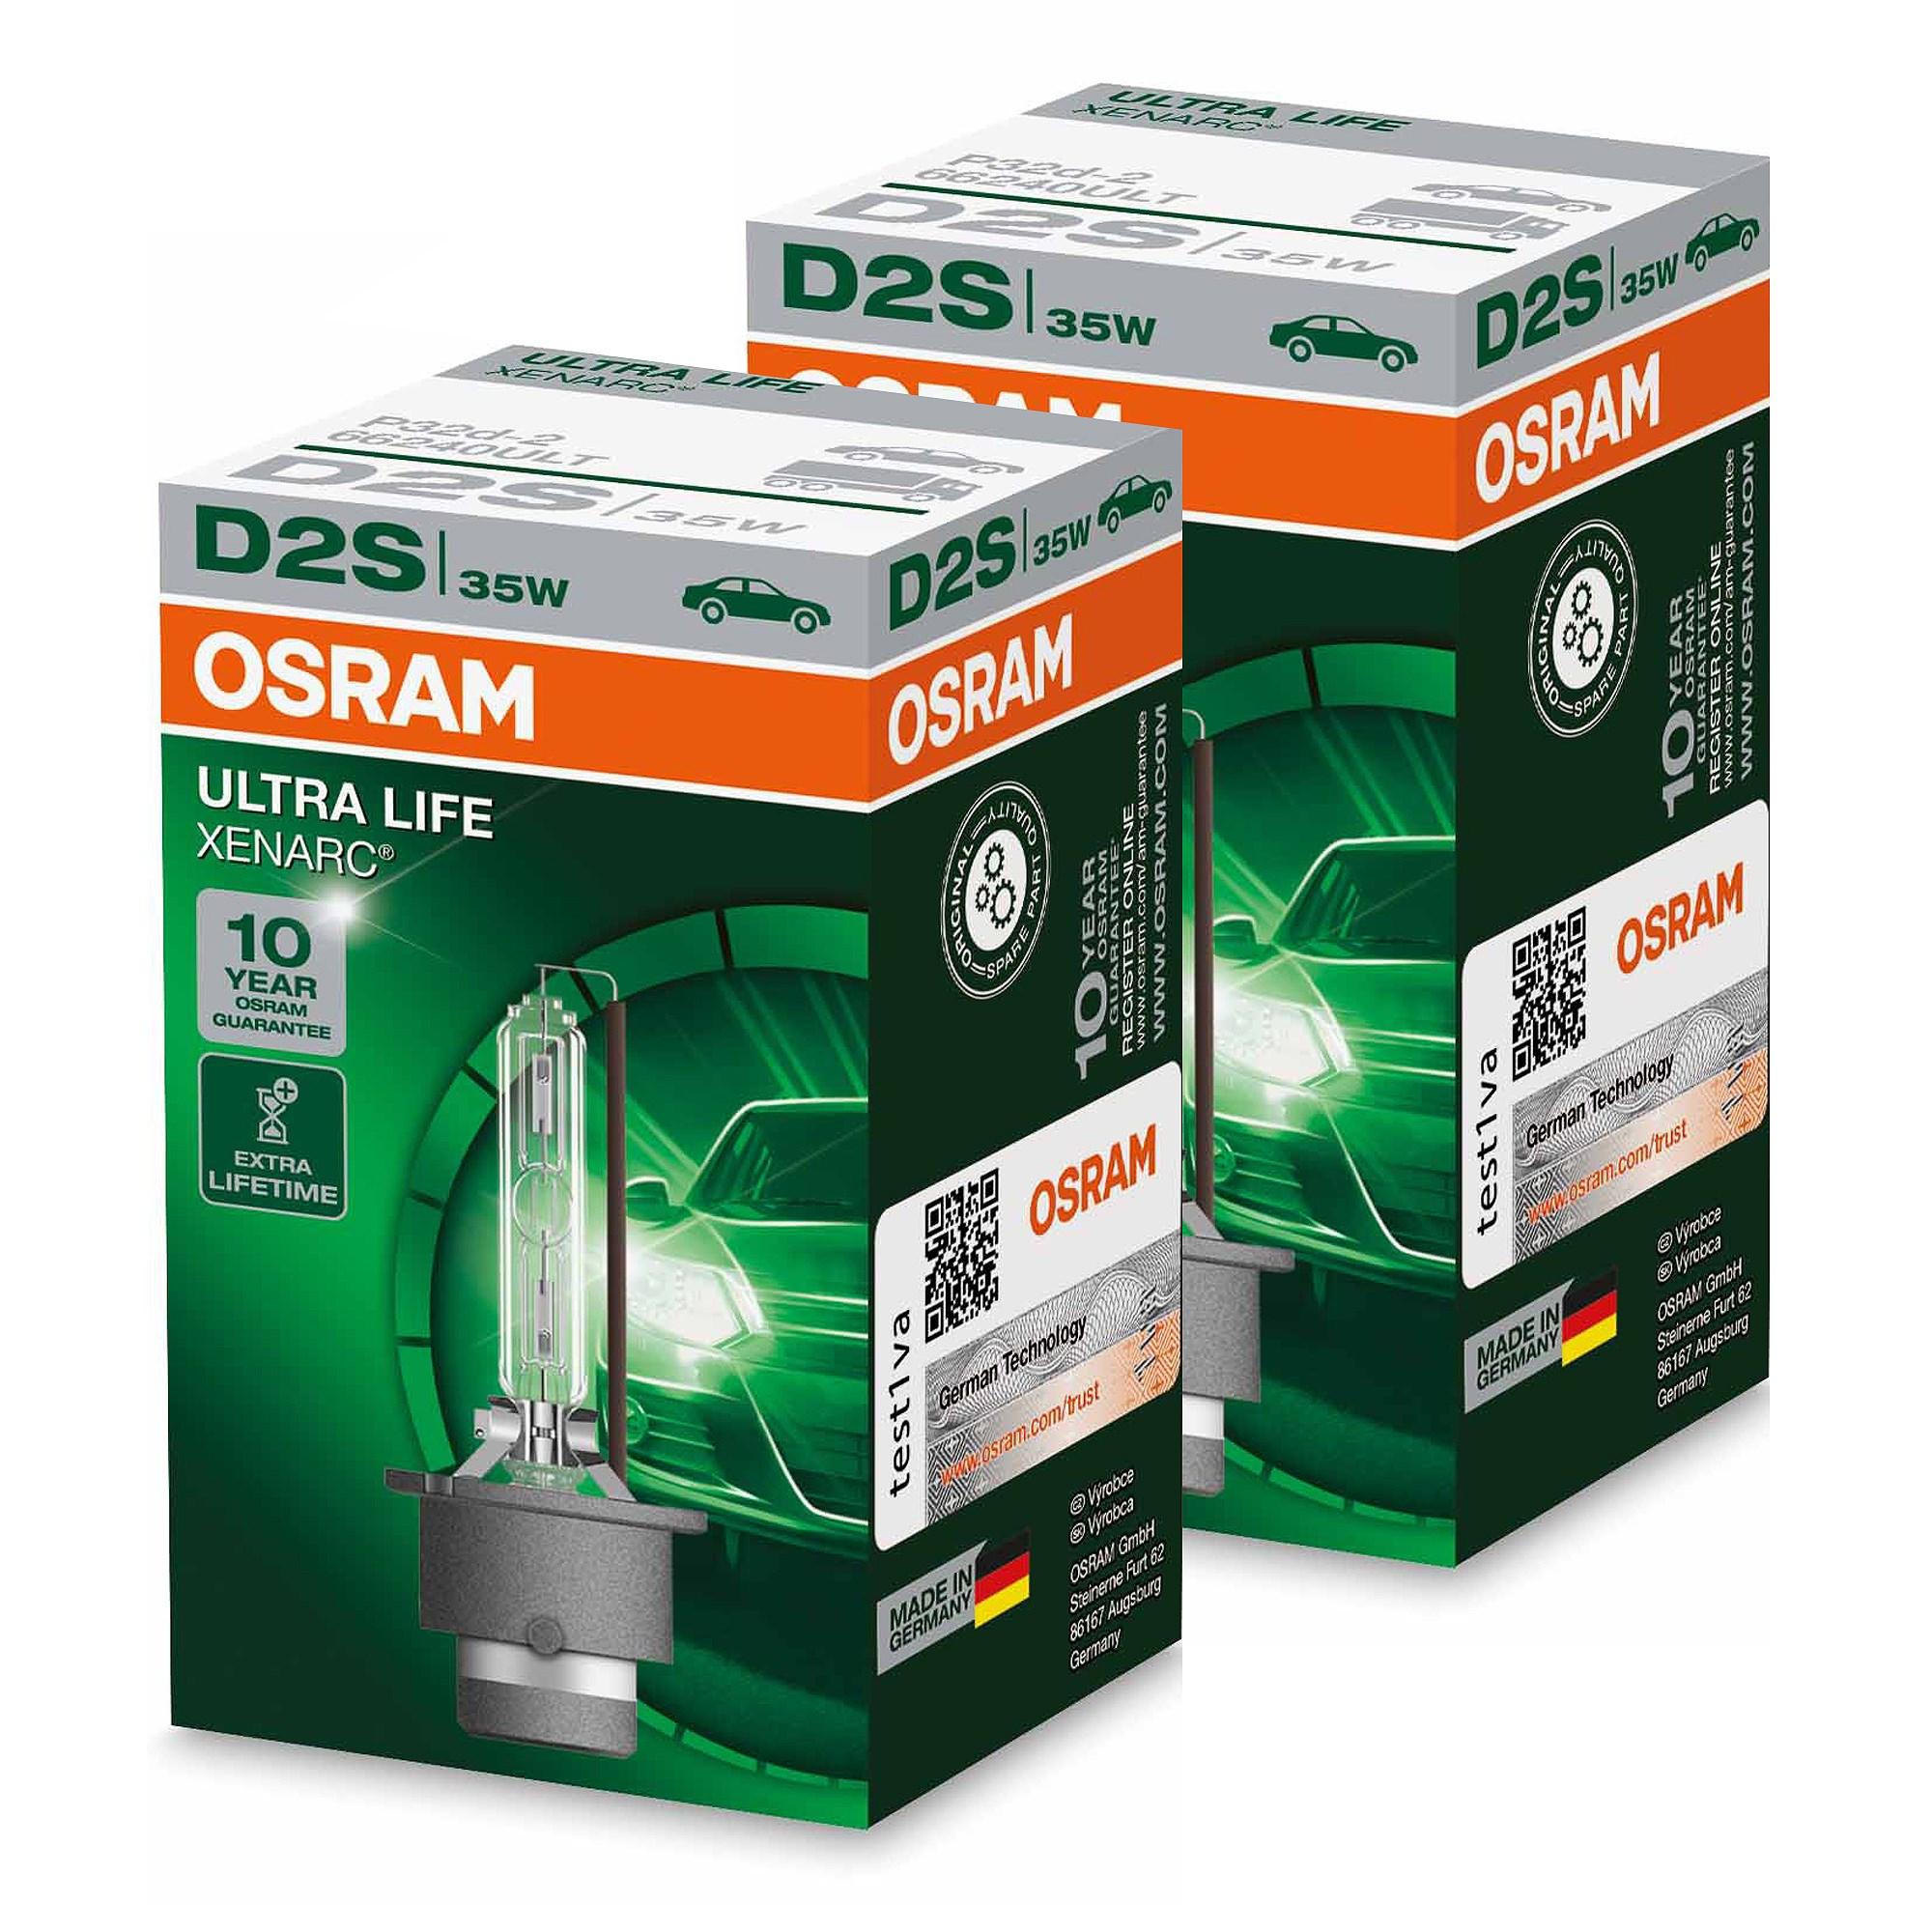 OSRAM D2S XENARC ORIGINAL LEUCHTMITTEL LICHT BIRNE XENONLICHT XENONLAMPE 35 W